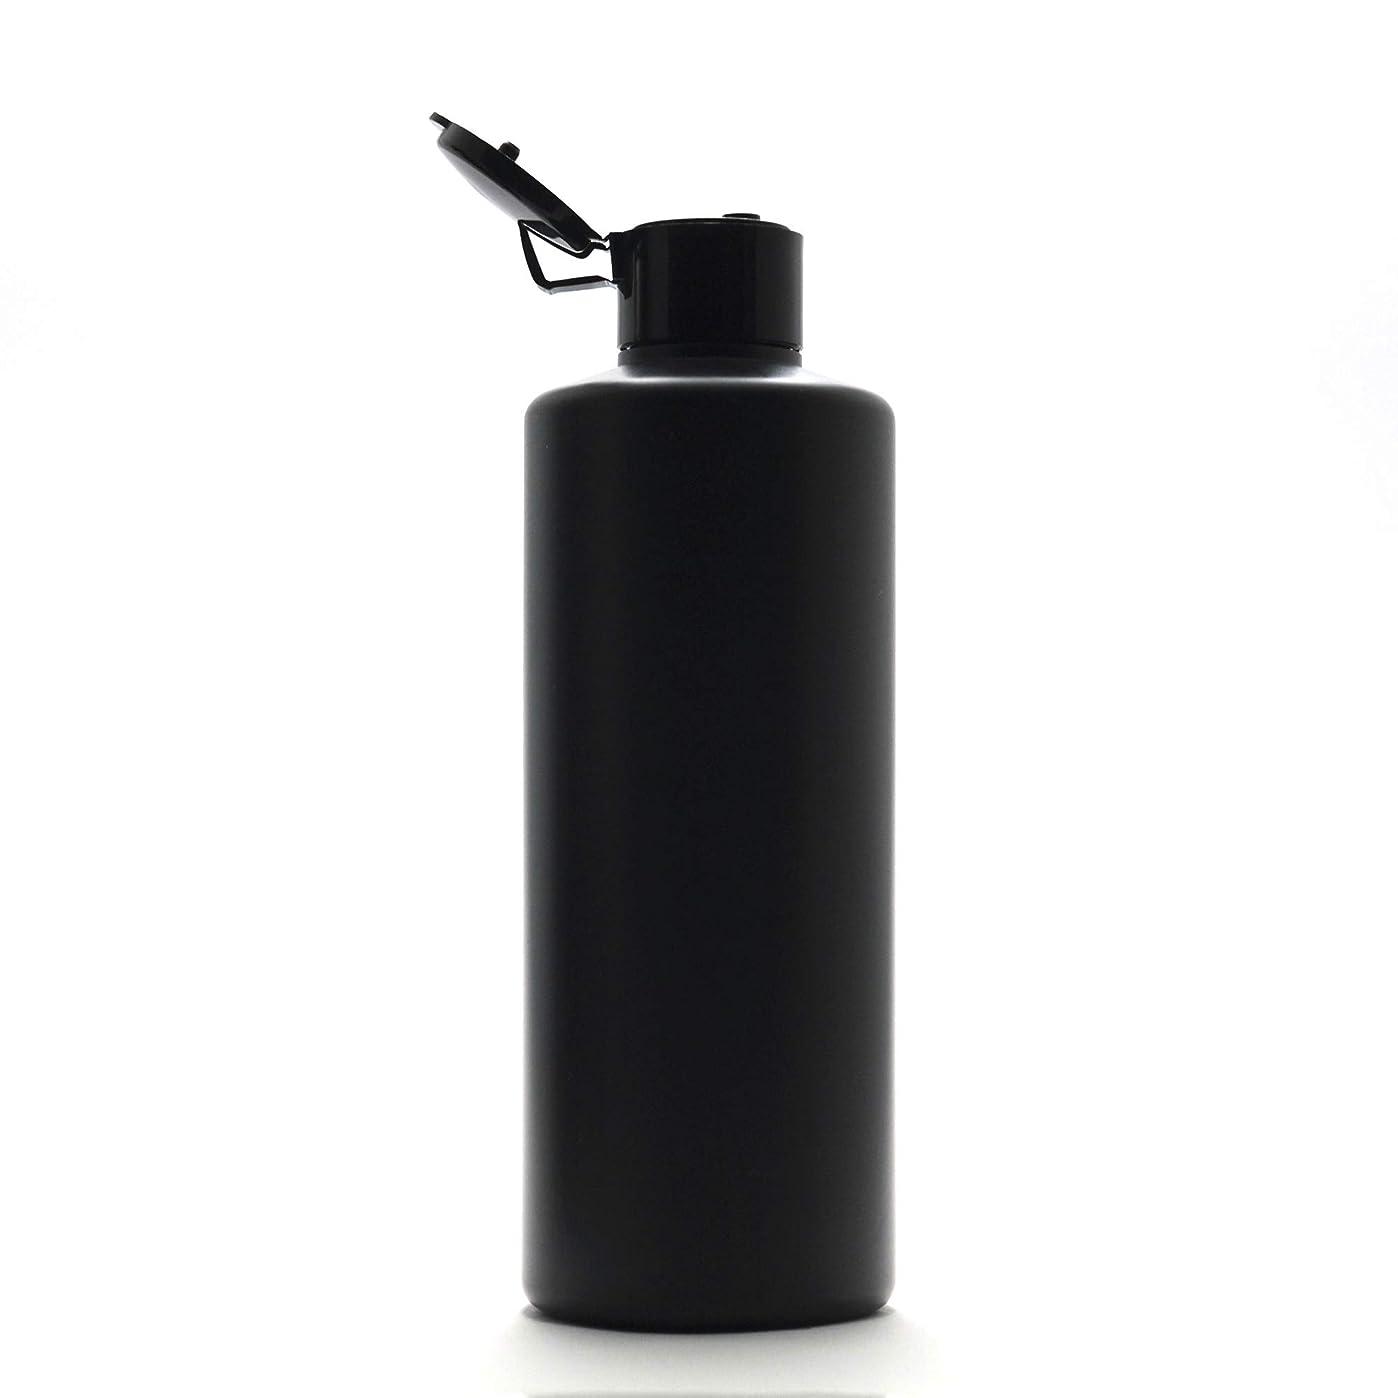 ミッションアクロバット酔ったプラスチック容器 300ml PE ストレートボトル [ ボトル: 遮光黒 / ヒンジキャプ:ブラック ※パッキン付き ]